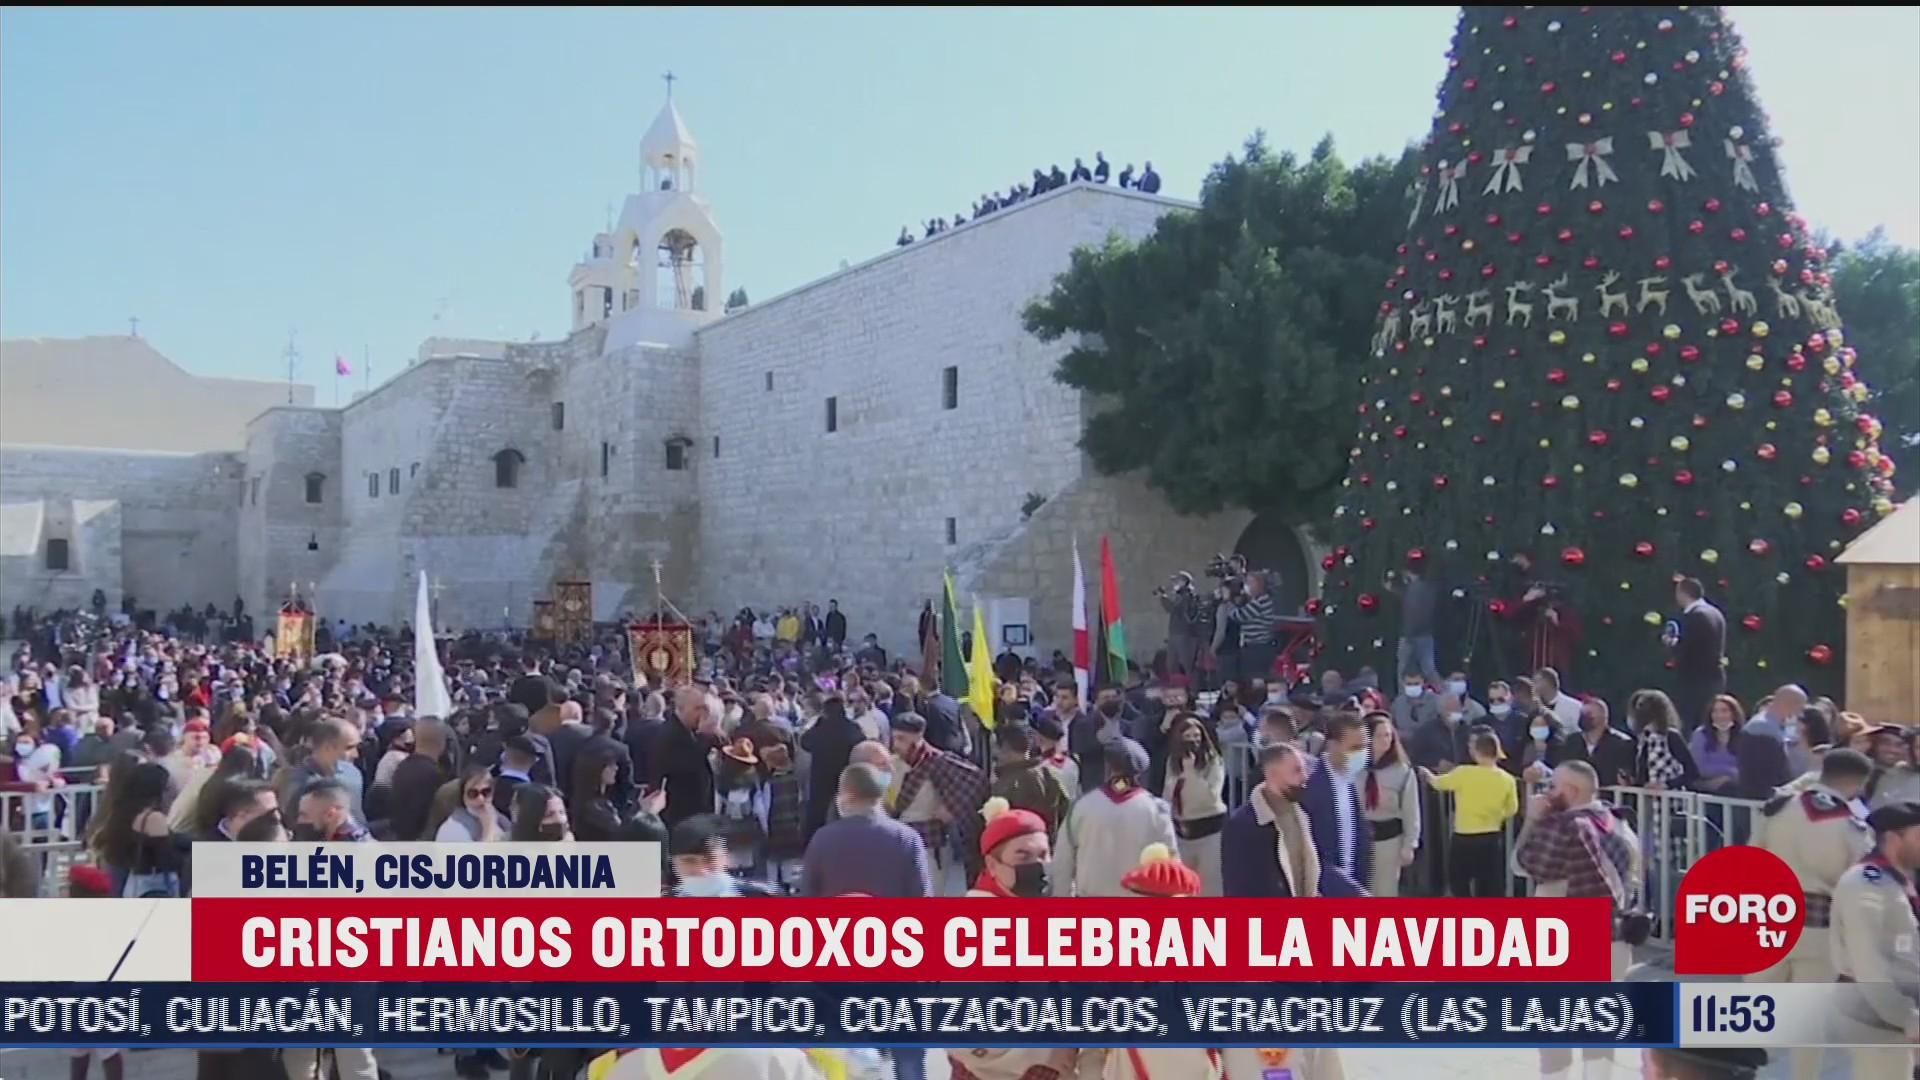 cristianos ortodoxos celebran la navidad